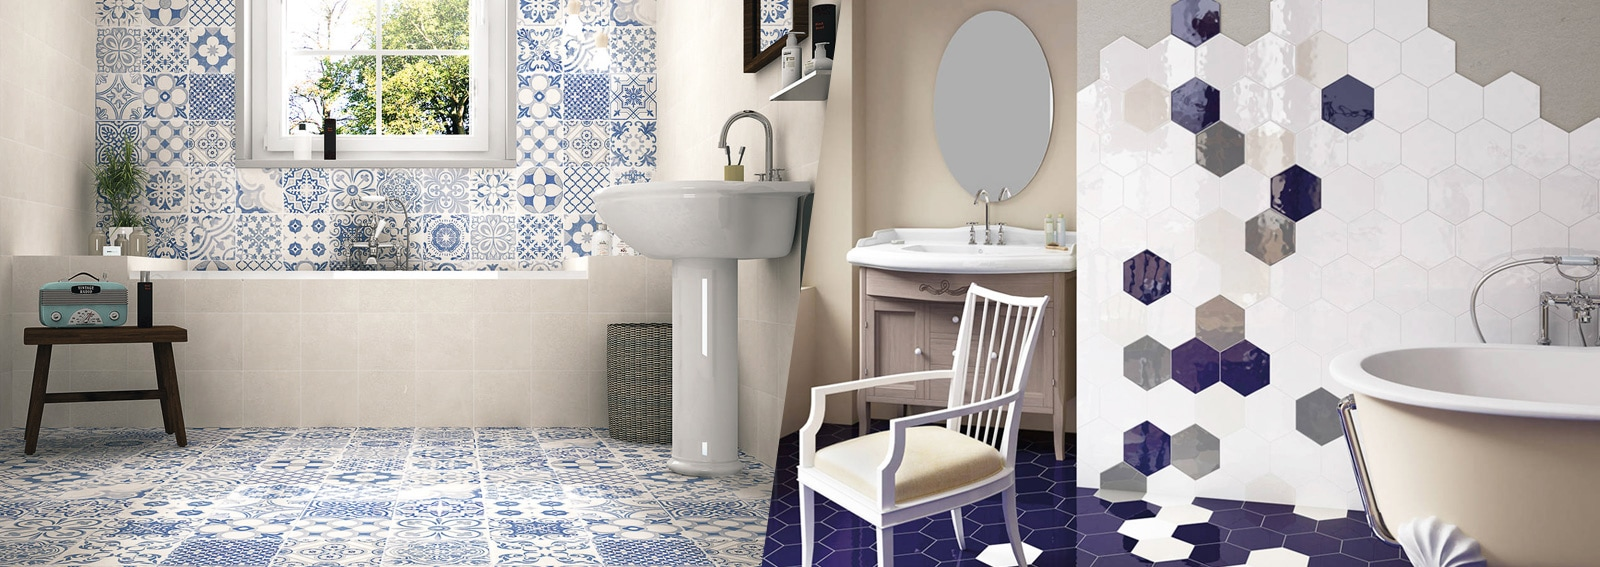 Rivestimenti per il bagno 10 idee decor da copiare - Comporre un bagno ...